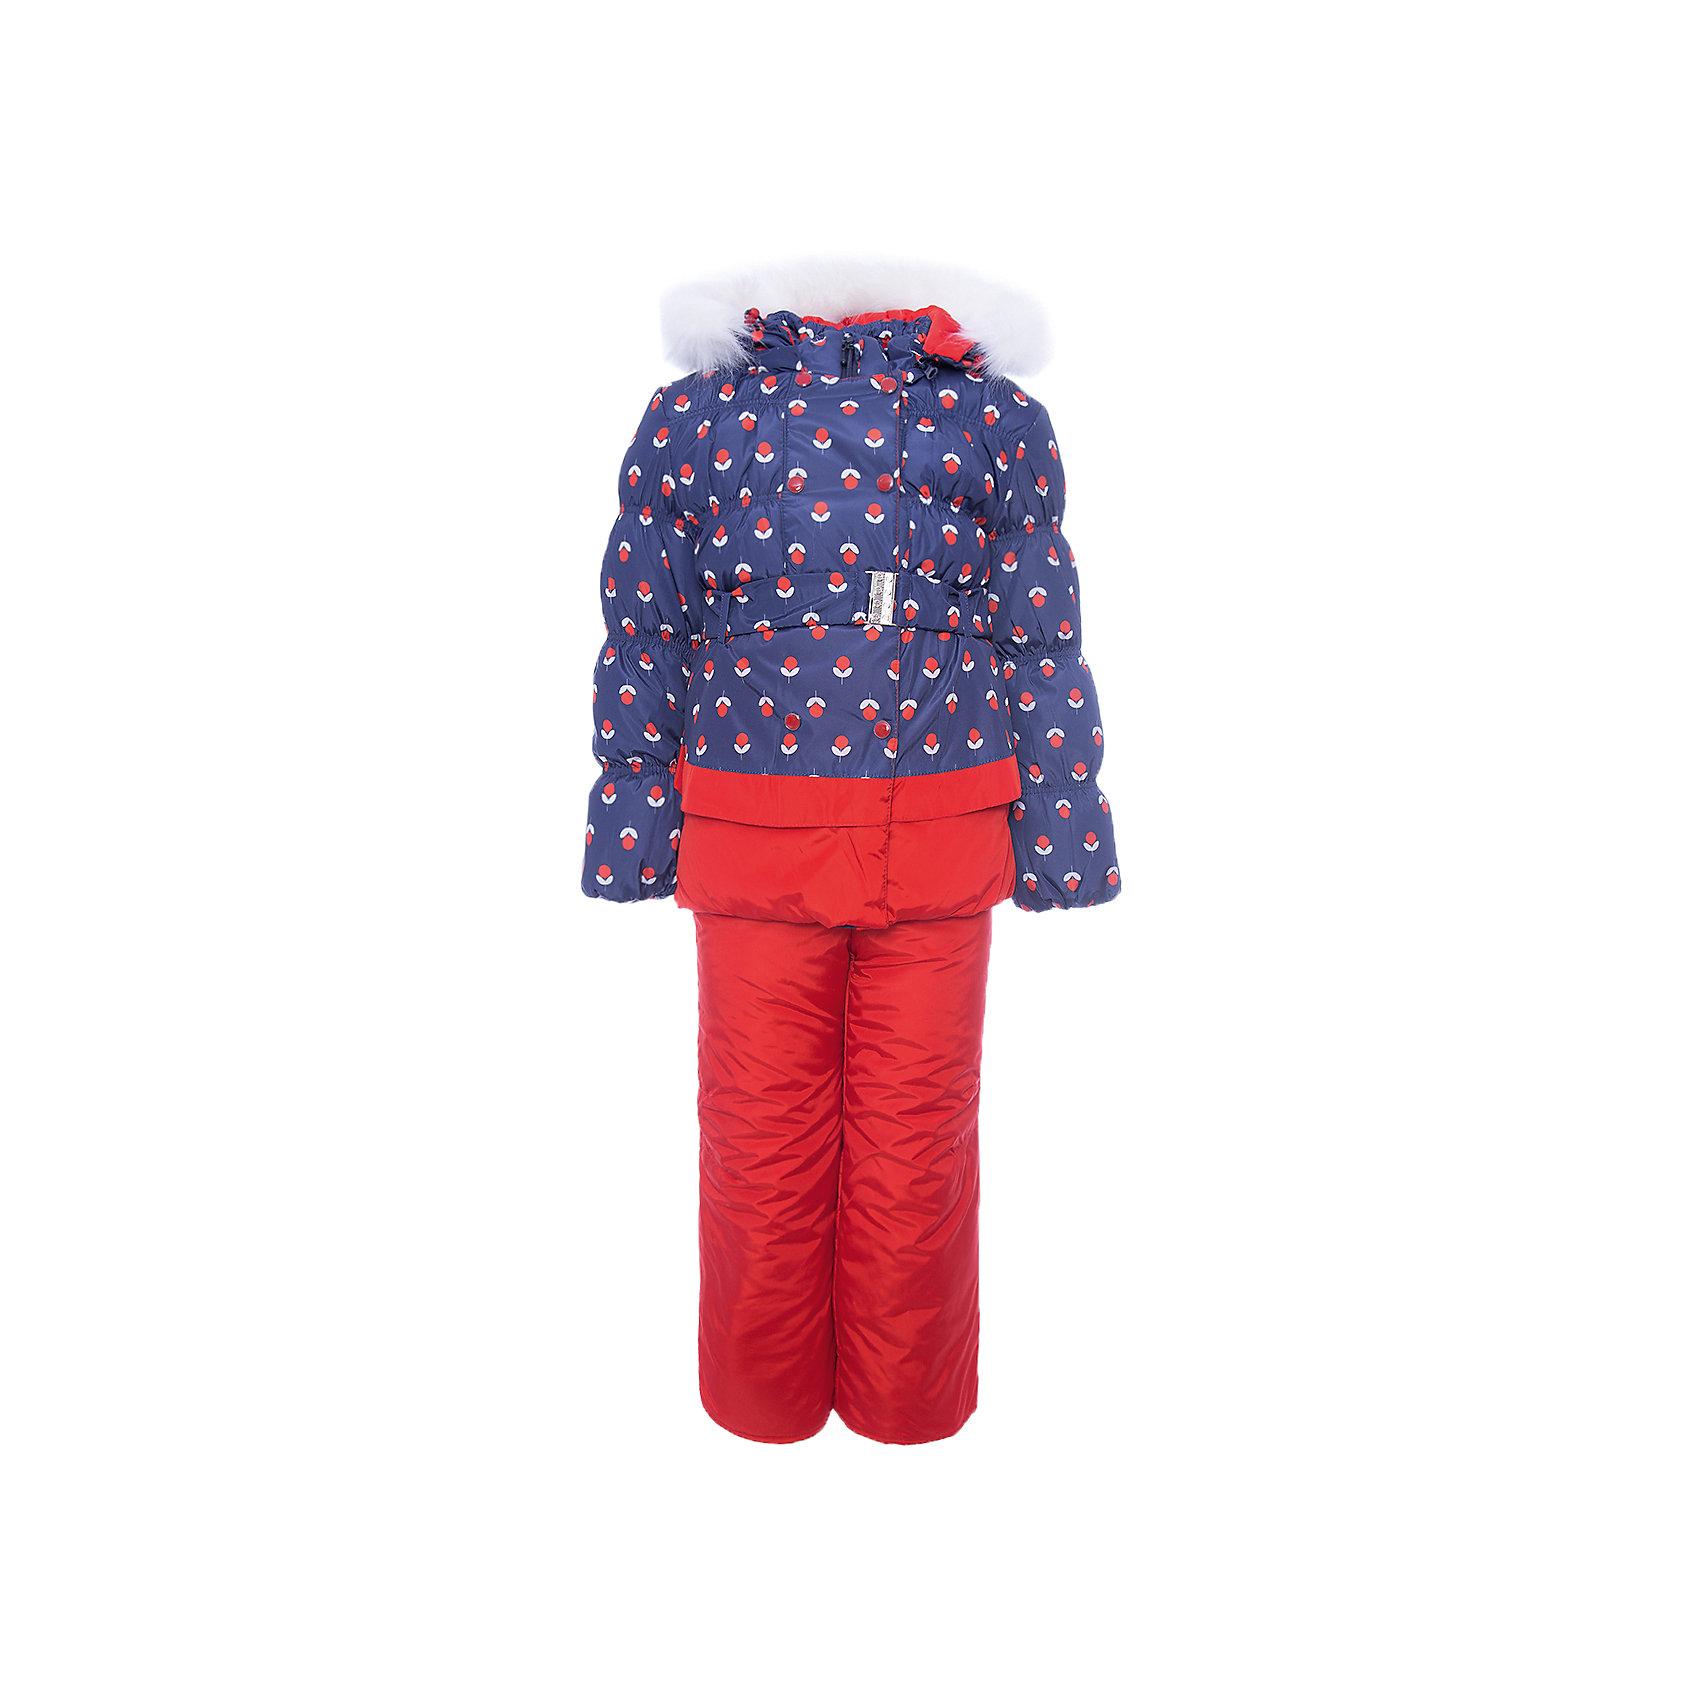 Комплект: куртка и полукомбинезон Вишня OLDOS для девочкиВерхняя одежда<br>Характеристики товара:<br><br>• цвет: красный<br>• комплектация: куртка и полукомбинезон<br>• состав ткани: 100% полиэстер, пропитка Teflon<br>• подкладка: хлопок, полиэстер<br>• утеплитель: Hollofan 250/200 г/м2<br>• подстежка: 60% шерсть, 40% полиэстер<br>• сезон: зима<br>• температурный режим: от -35 до 0<br>• застежка: молния<br>• капюшон: с мехом, съемный<br>• подстежка в комплекте<br>• страна бренда: Россия<br>• страна изготовитель: Россия<br><br>Этот детский комплект обеспечит тепло и комфорт даже в сильные холода. Зимний комплект сделан из качественных материалов. Такой костюм для девочки дополнен шерстяной подстежкой. Комплект для девочки дополнен удобными эластичными регулируемыми подтяжками, капюшоном, планкой и внутренней манжетой. <br><br>Комплект: куртка и полукомбинезон Вишня Oldos (Олдос) для девочки можно купить в нашем интернет-магазине.<br><br>Ширина мм: 356<br>Глубина мм: 10<br>Высота мм: 245<br>Вес г: 519<br>Цвет: красный<br>Возраст от месяцев: 60<br>Возраст до месяцев: 72<br>Пол: Женский<br>Возраст: Детский<br>Размер: 116,86,92,98,104,110<br>SKU: 7016869